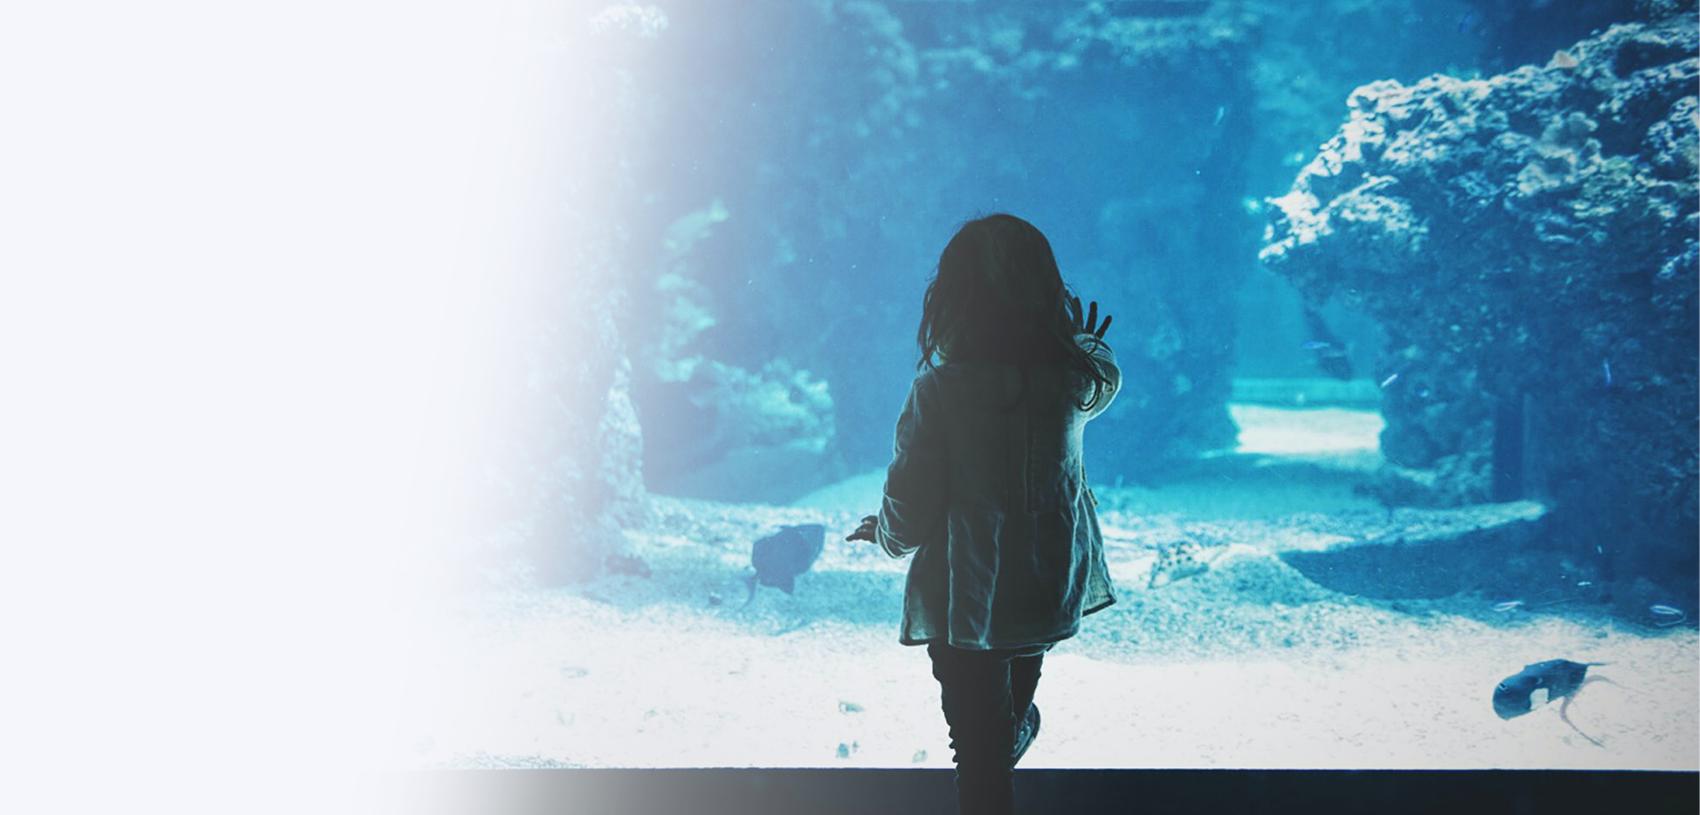 Child in Aquarium